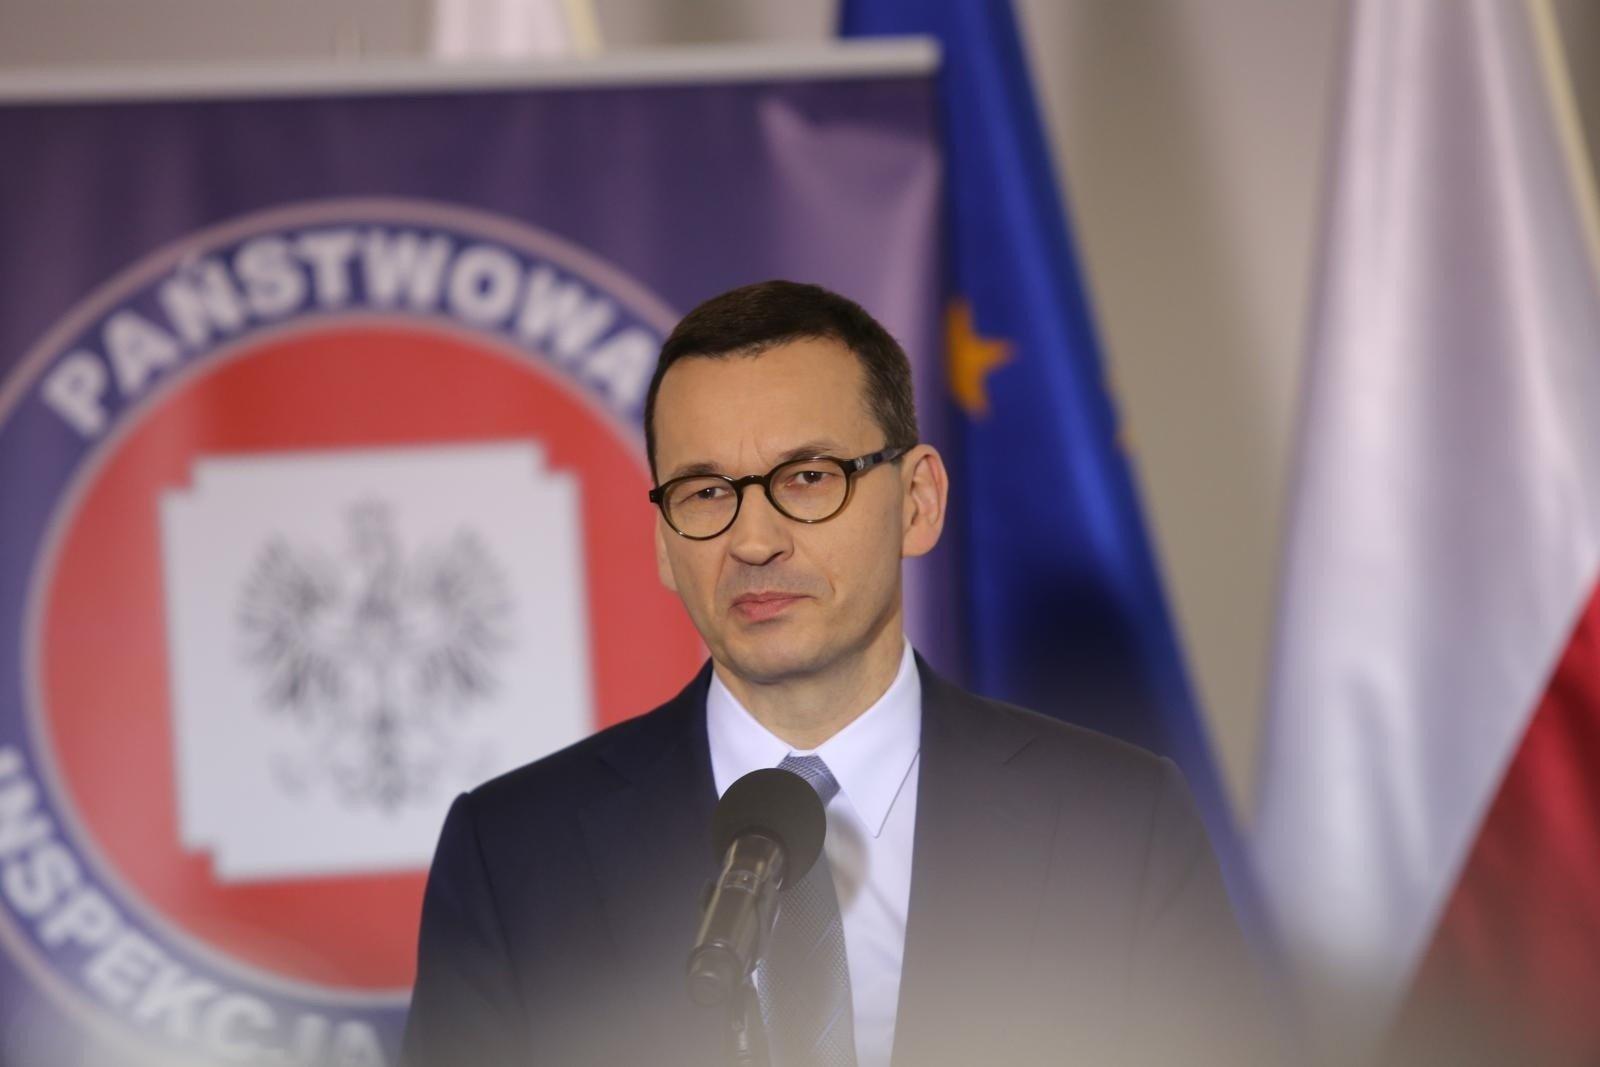 Koronawirus. Rząd przedstawi harmonogram łagodzenia ograniczeń i restrykcji dotyczących epidemii. Co się zmieni? LISTA ZMIAN | Gazeta Krakowska